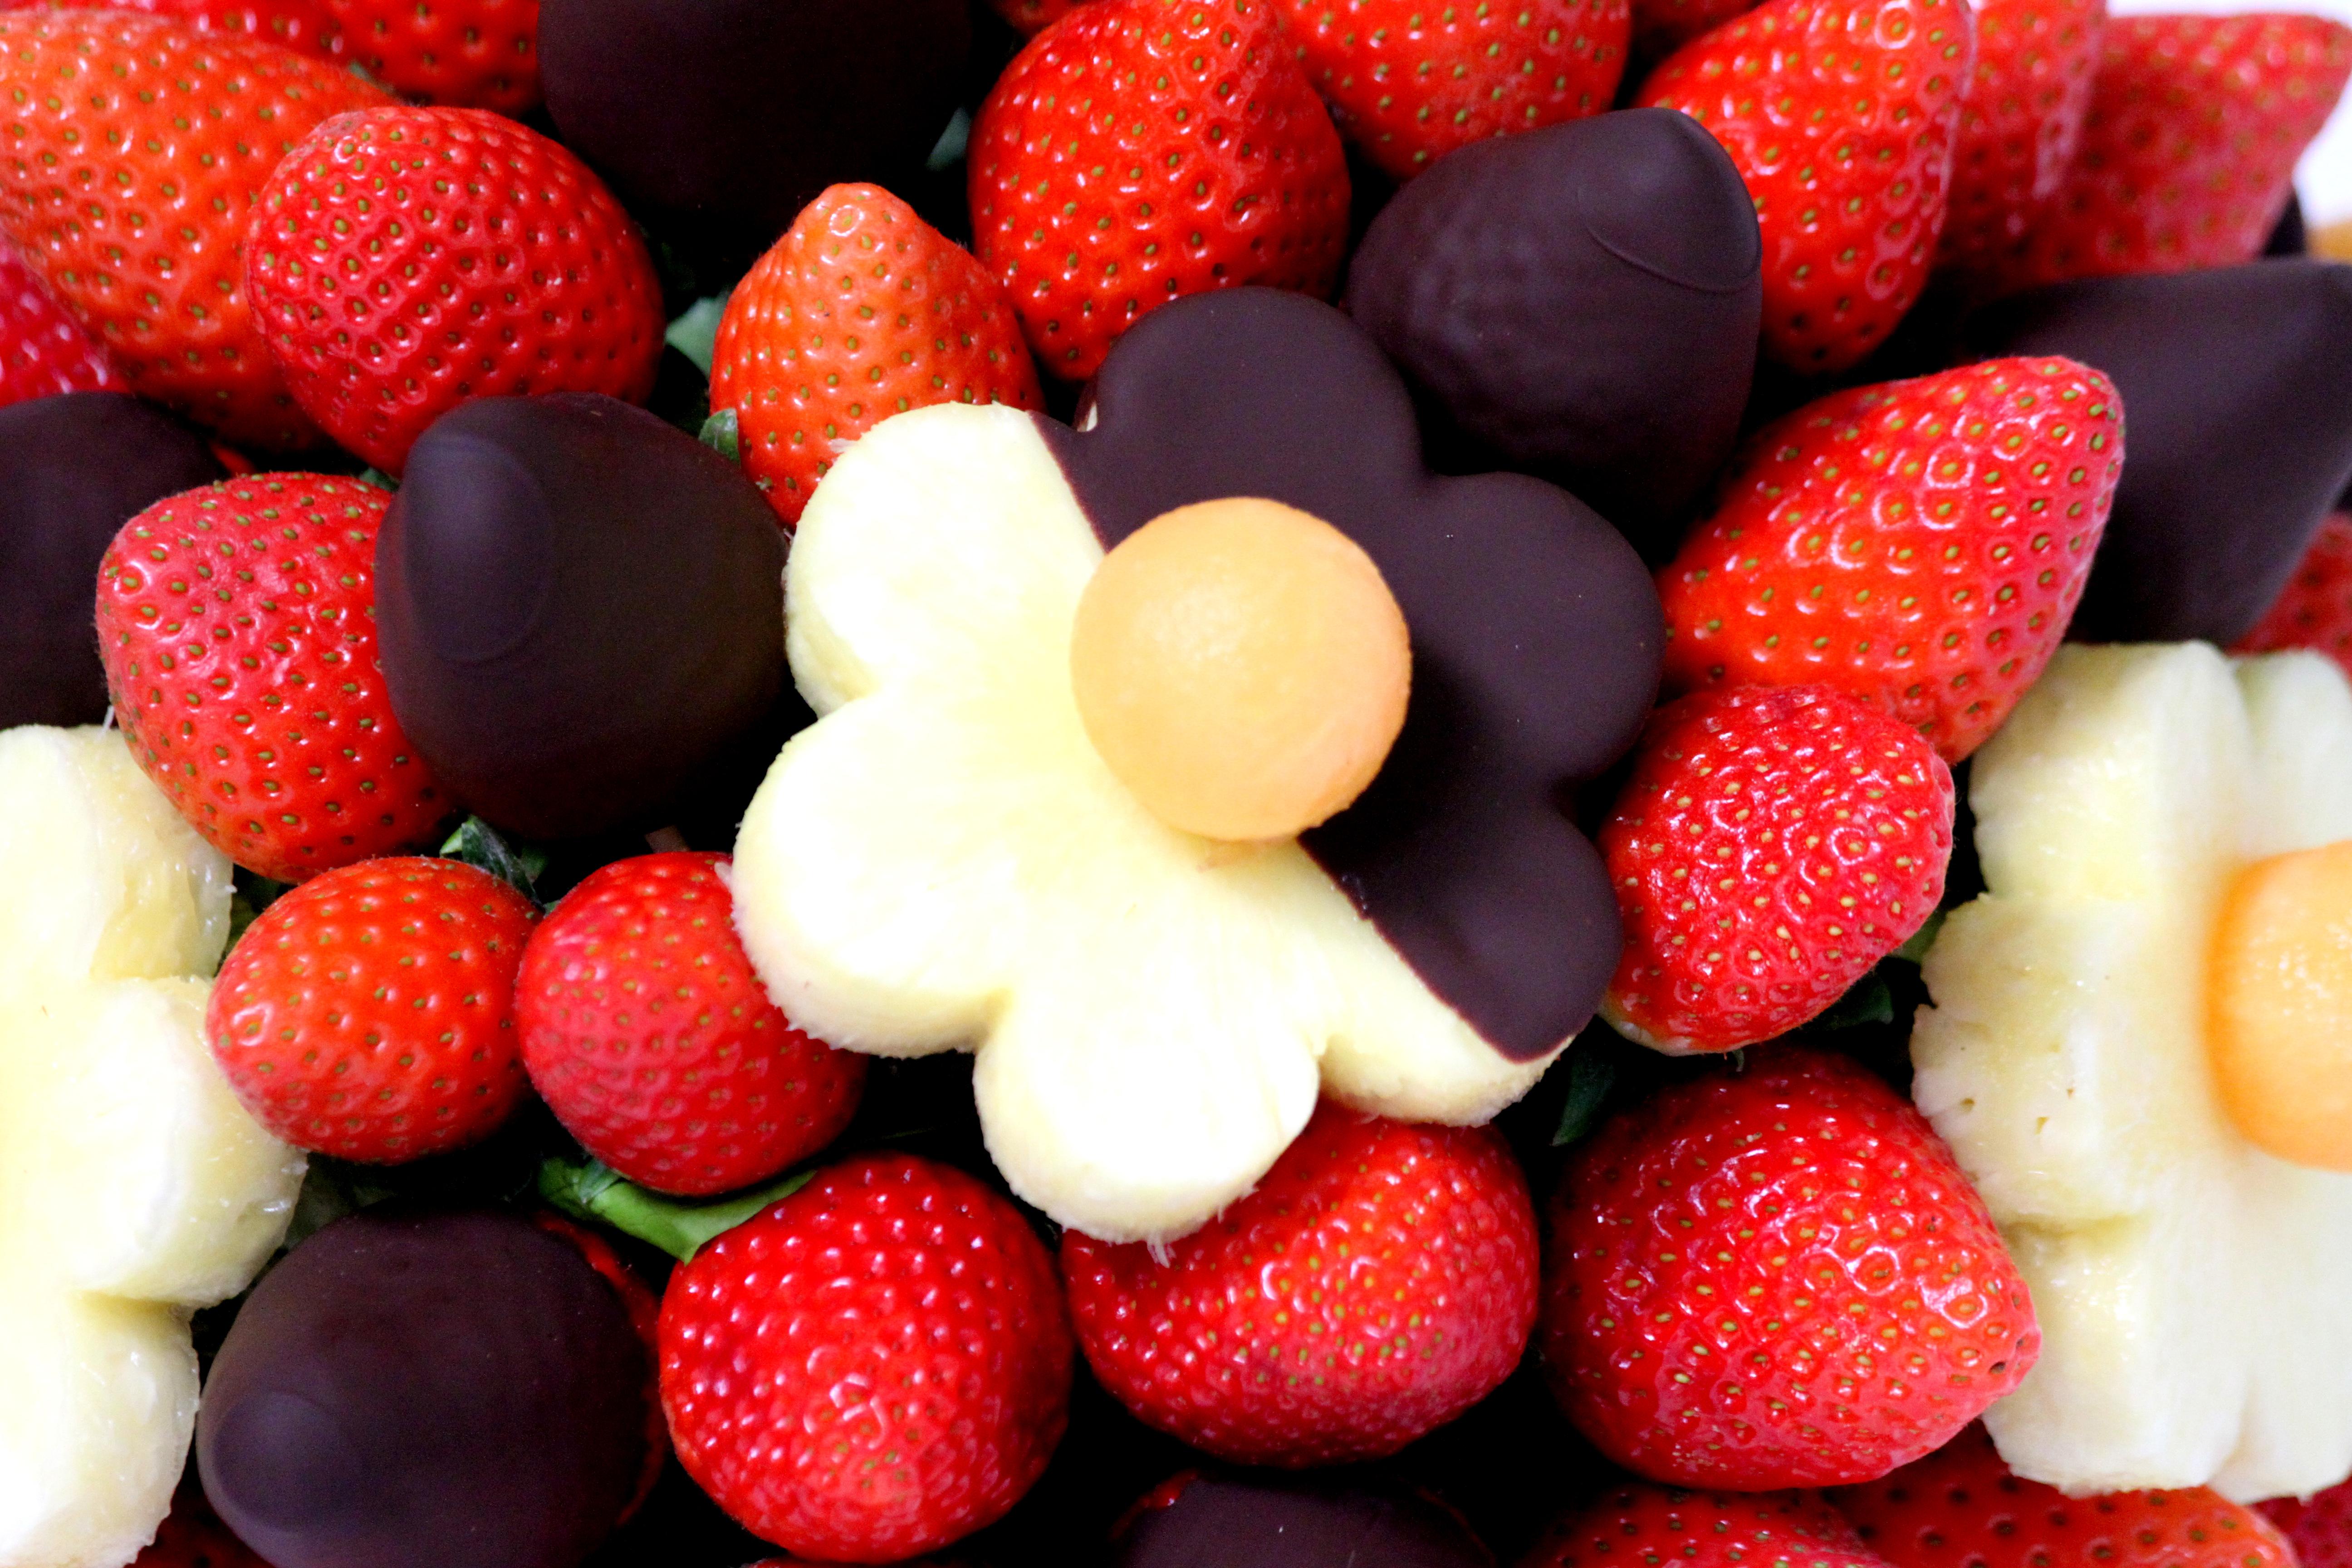 Strawberries and pineapple dippedin dark chocolate